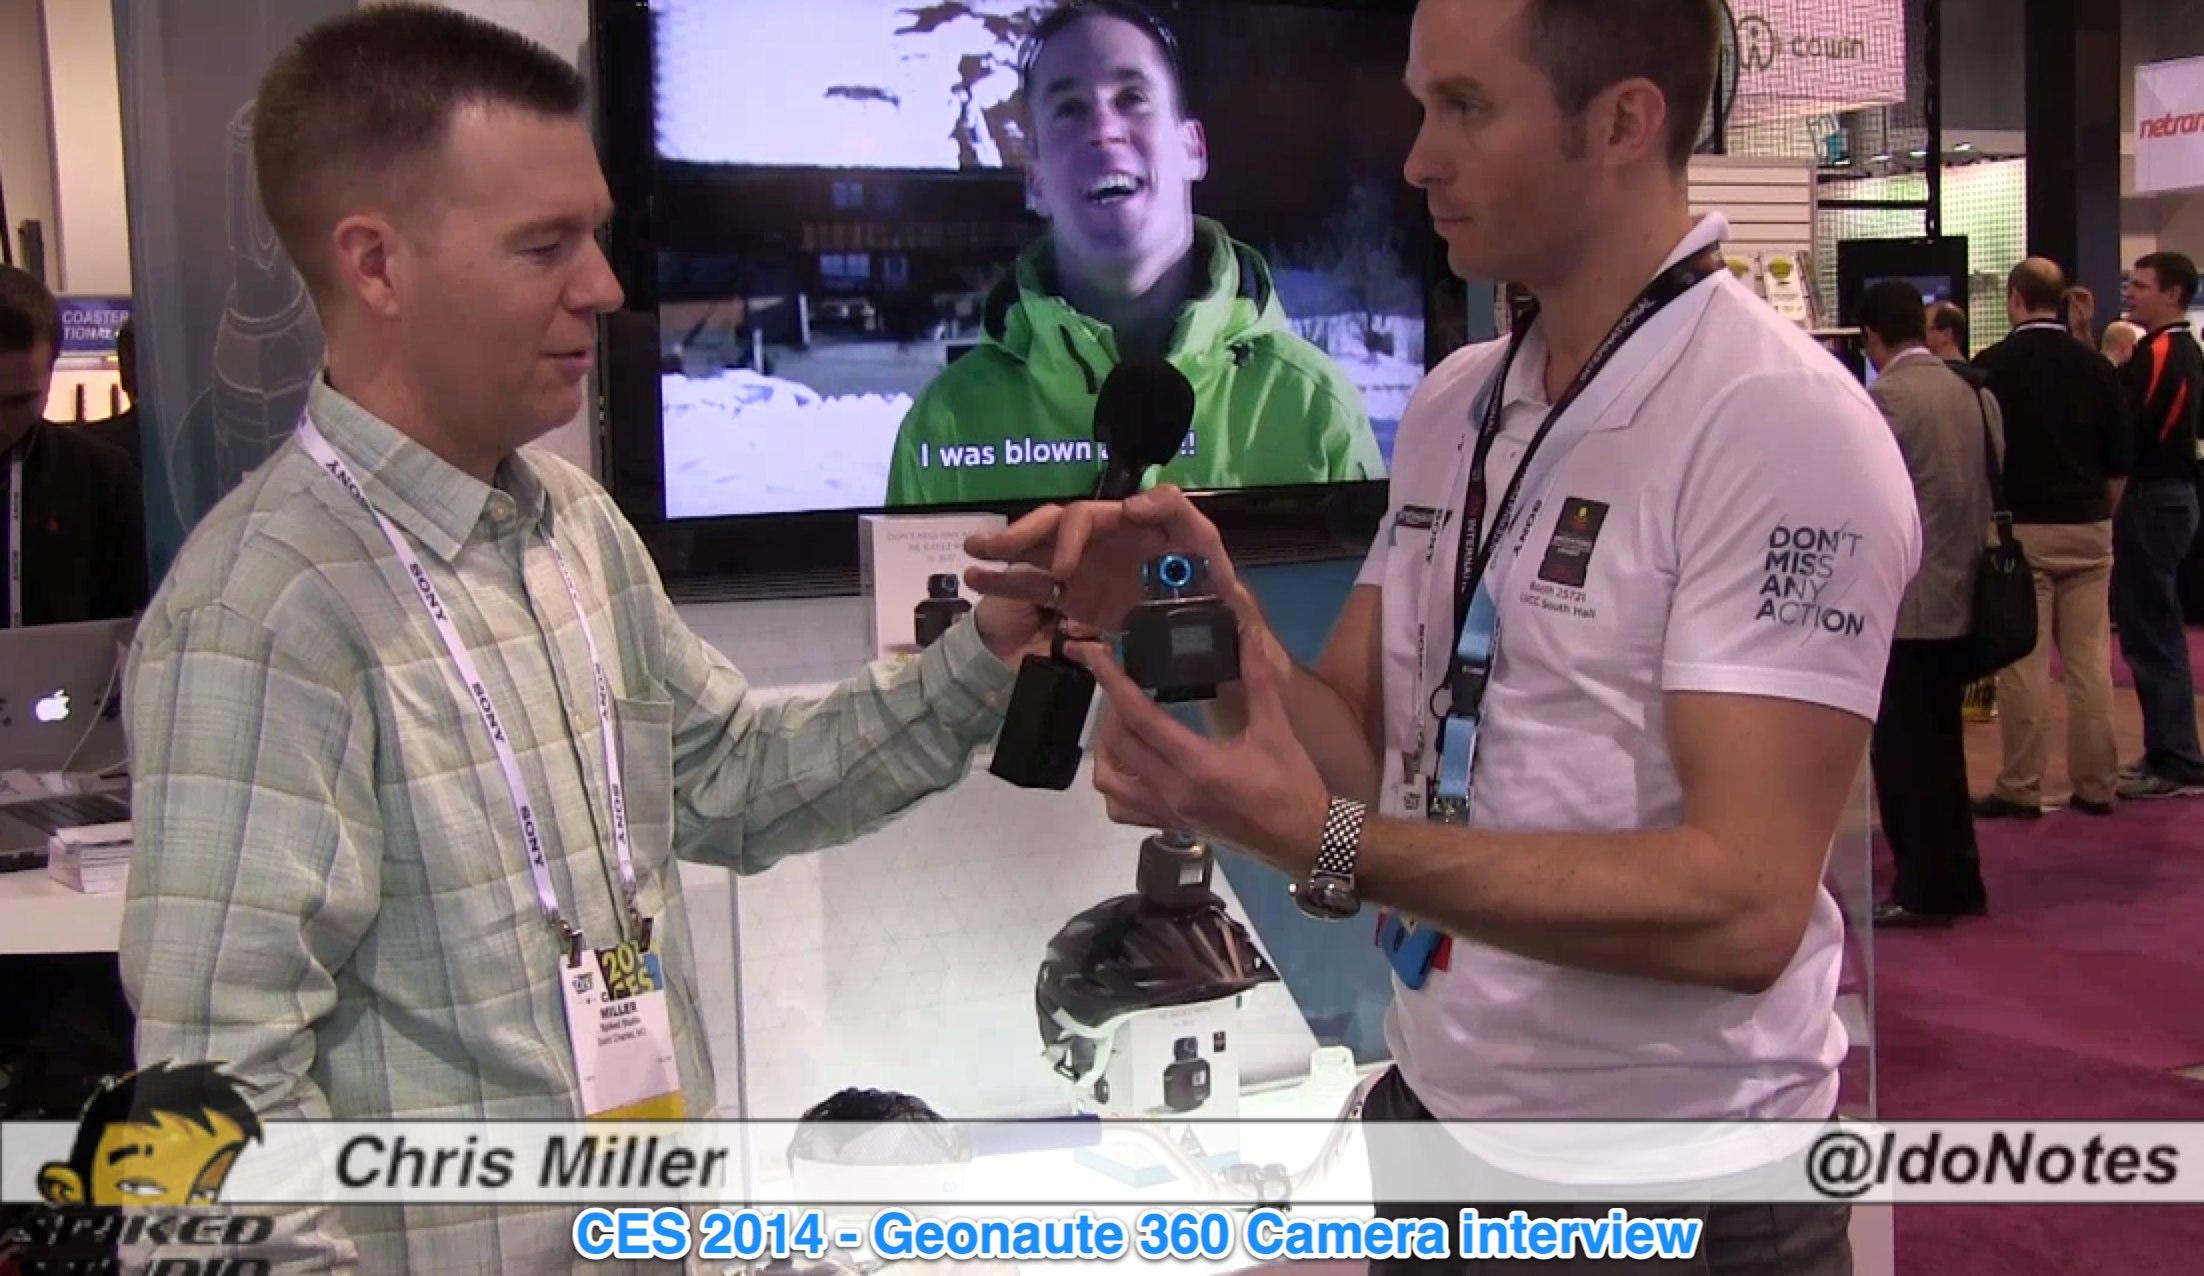 CES 2014 Geonaute 360 Camera